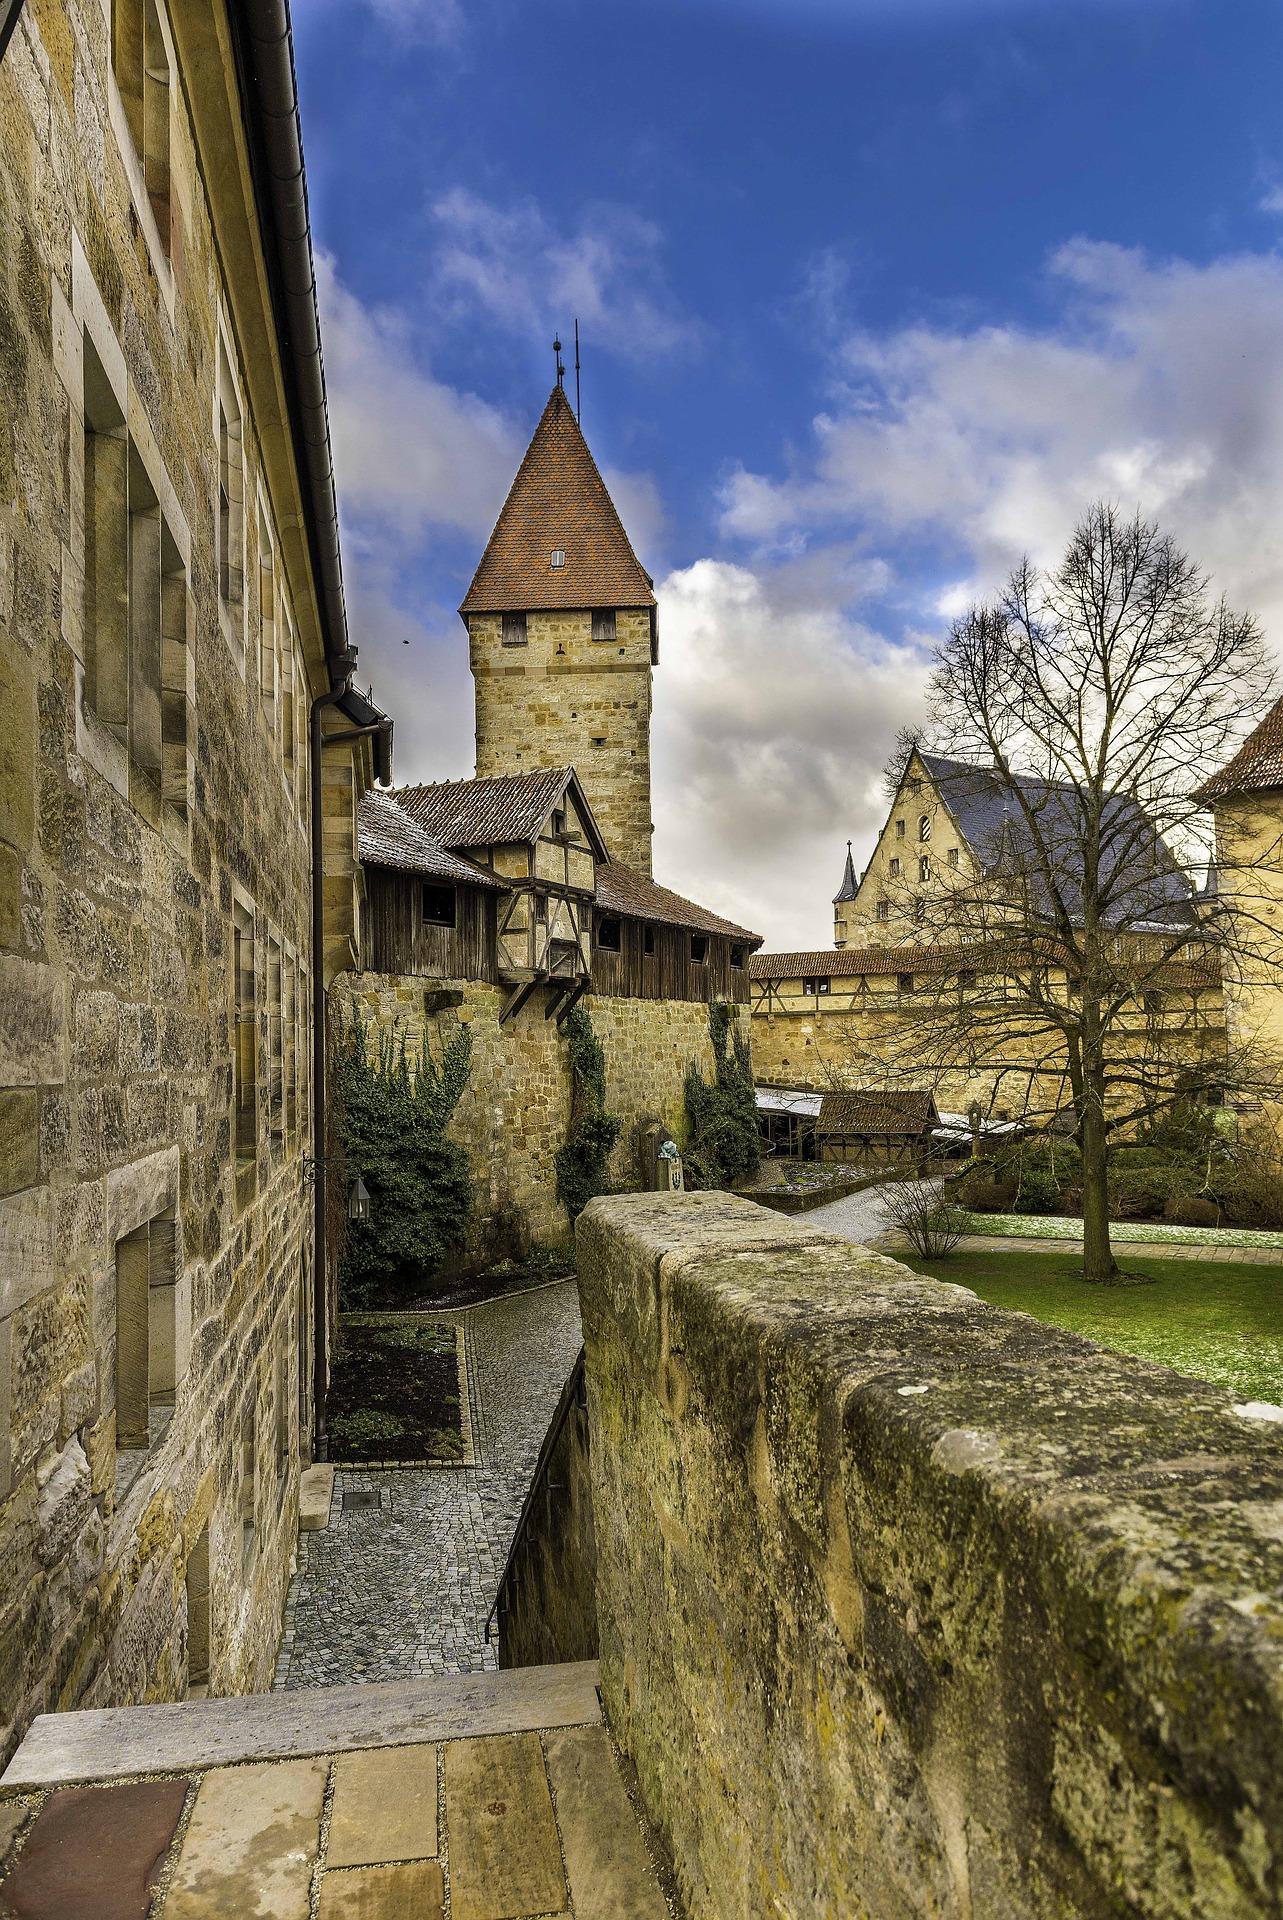 Highlights of Germany - Veste Coburg Castle, Coburg, Germany